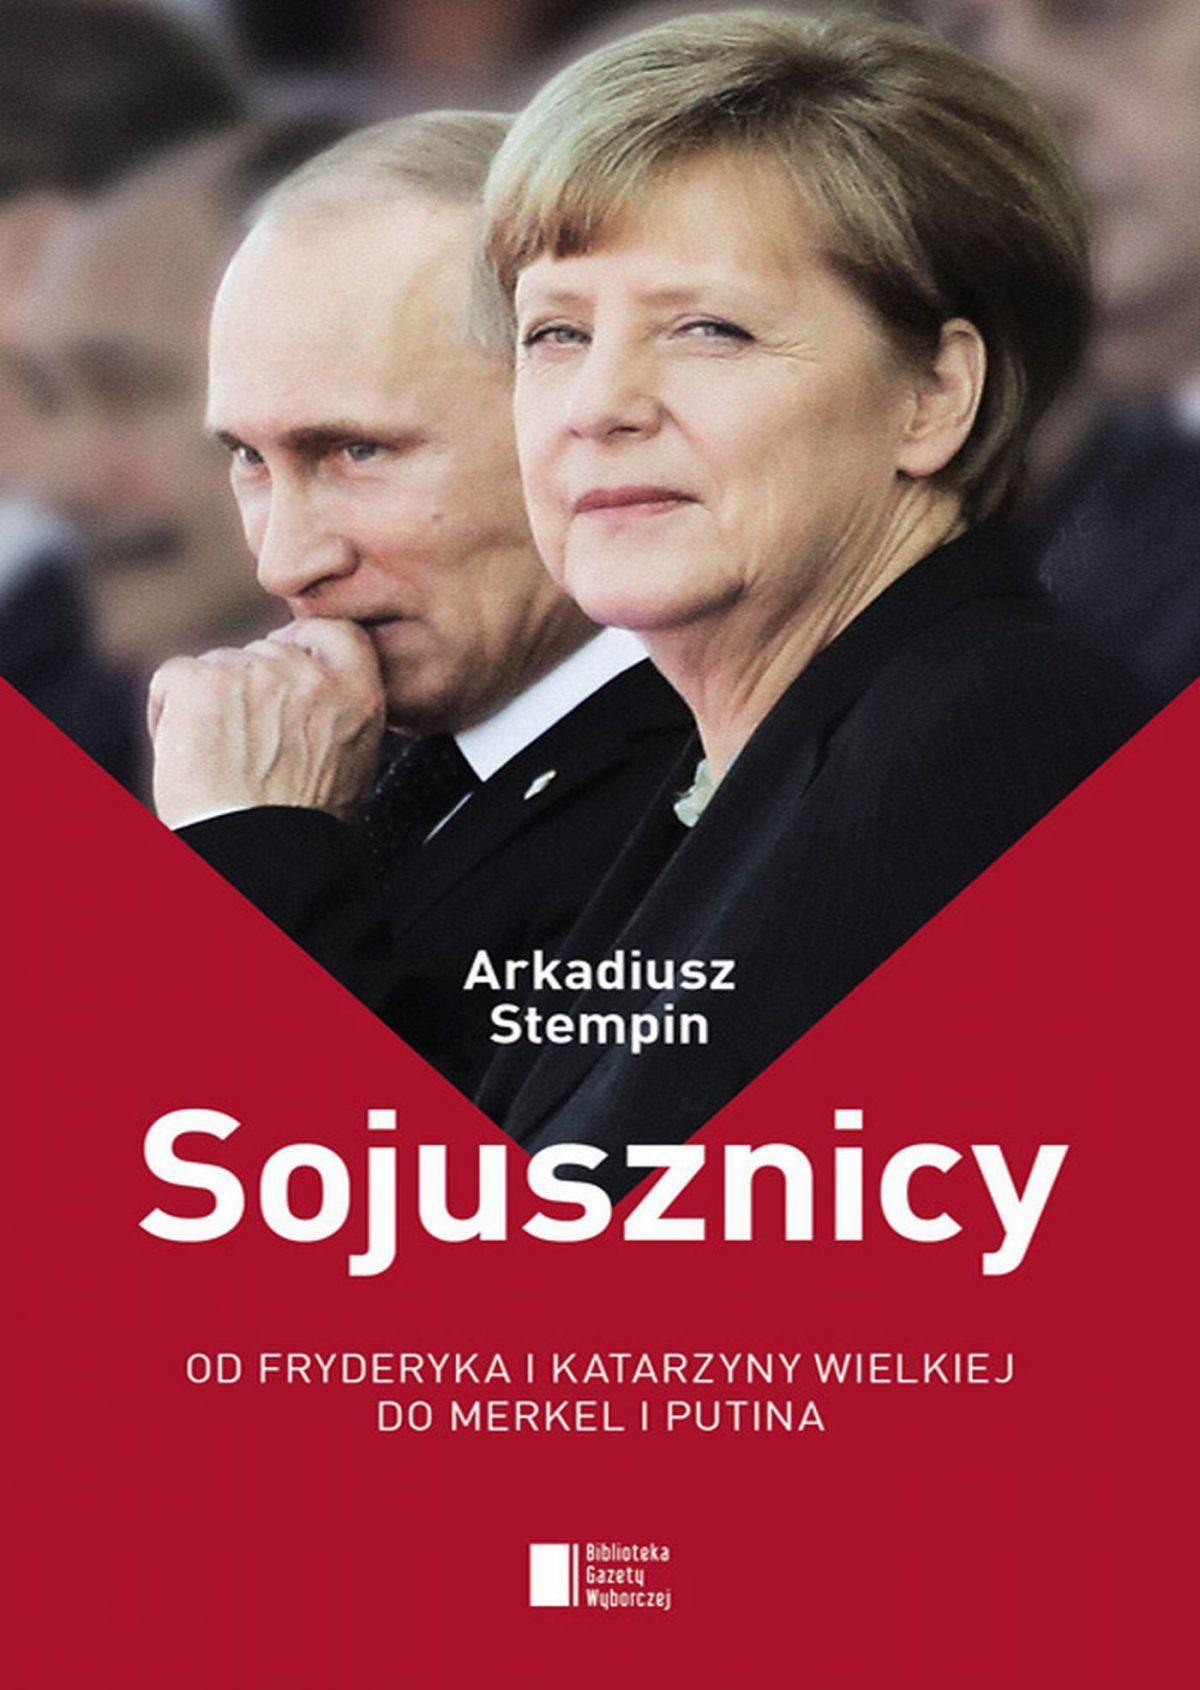 Sojusznicy. Od Fryderyka i Katarzyny Wielkiej do Merkel i Putina - Ebook (Książka EPUB) do pobrania w formacie EPUB